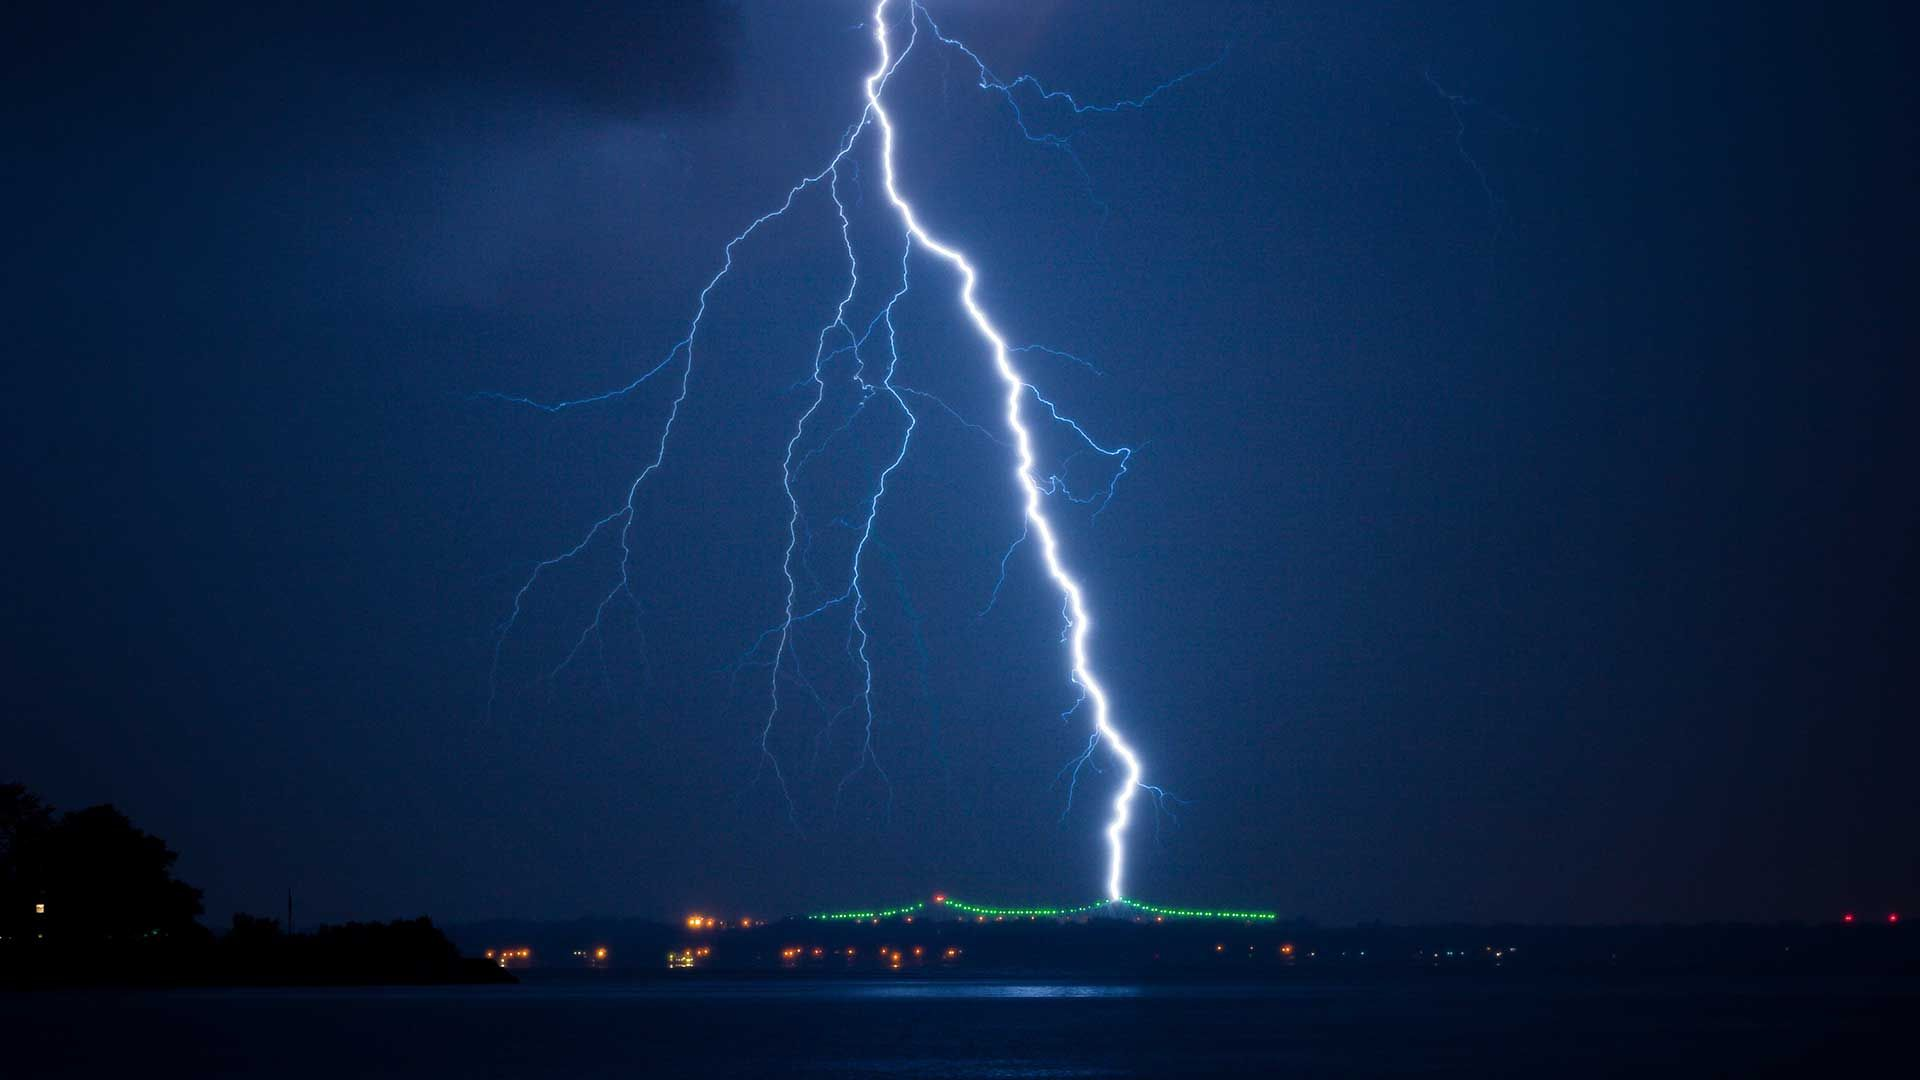 Lightning Bolt free hd wallpaper